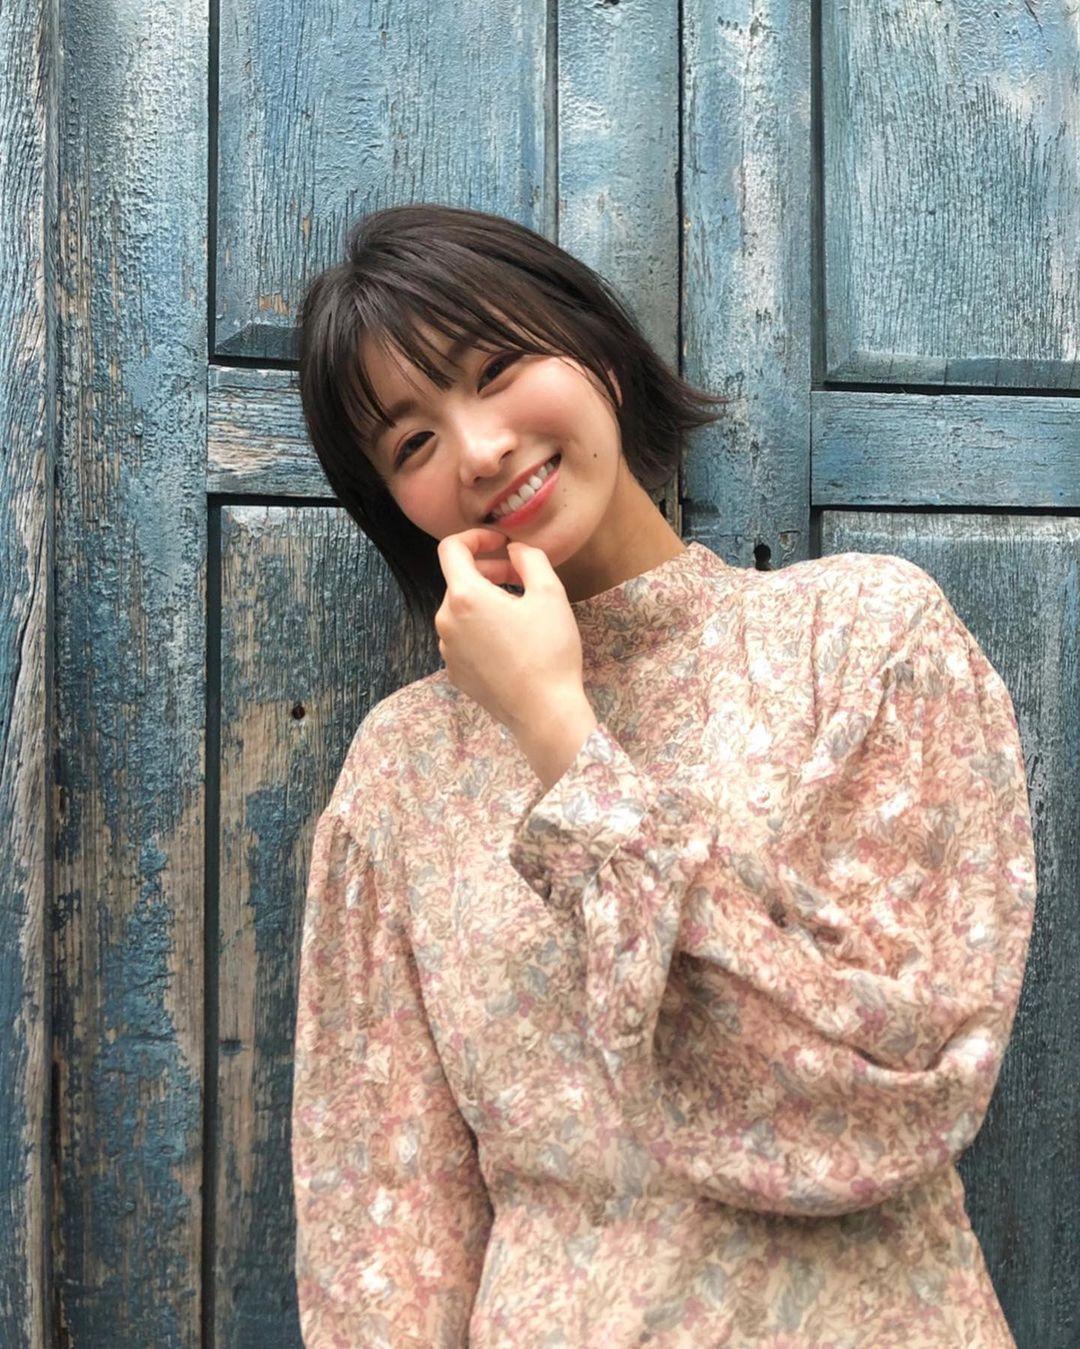 日系时尚杂志模特冈崎纱绘清甜笑容亲和力十足完全就是女友理想型 网络美女 第27张